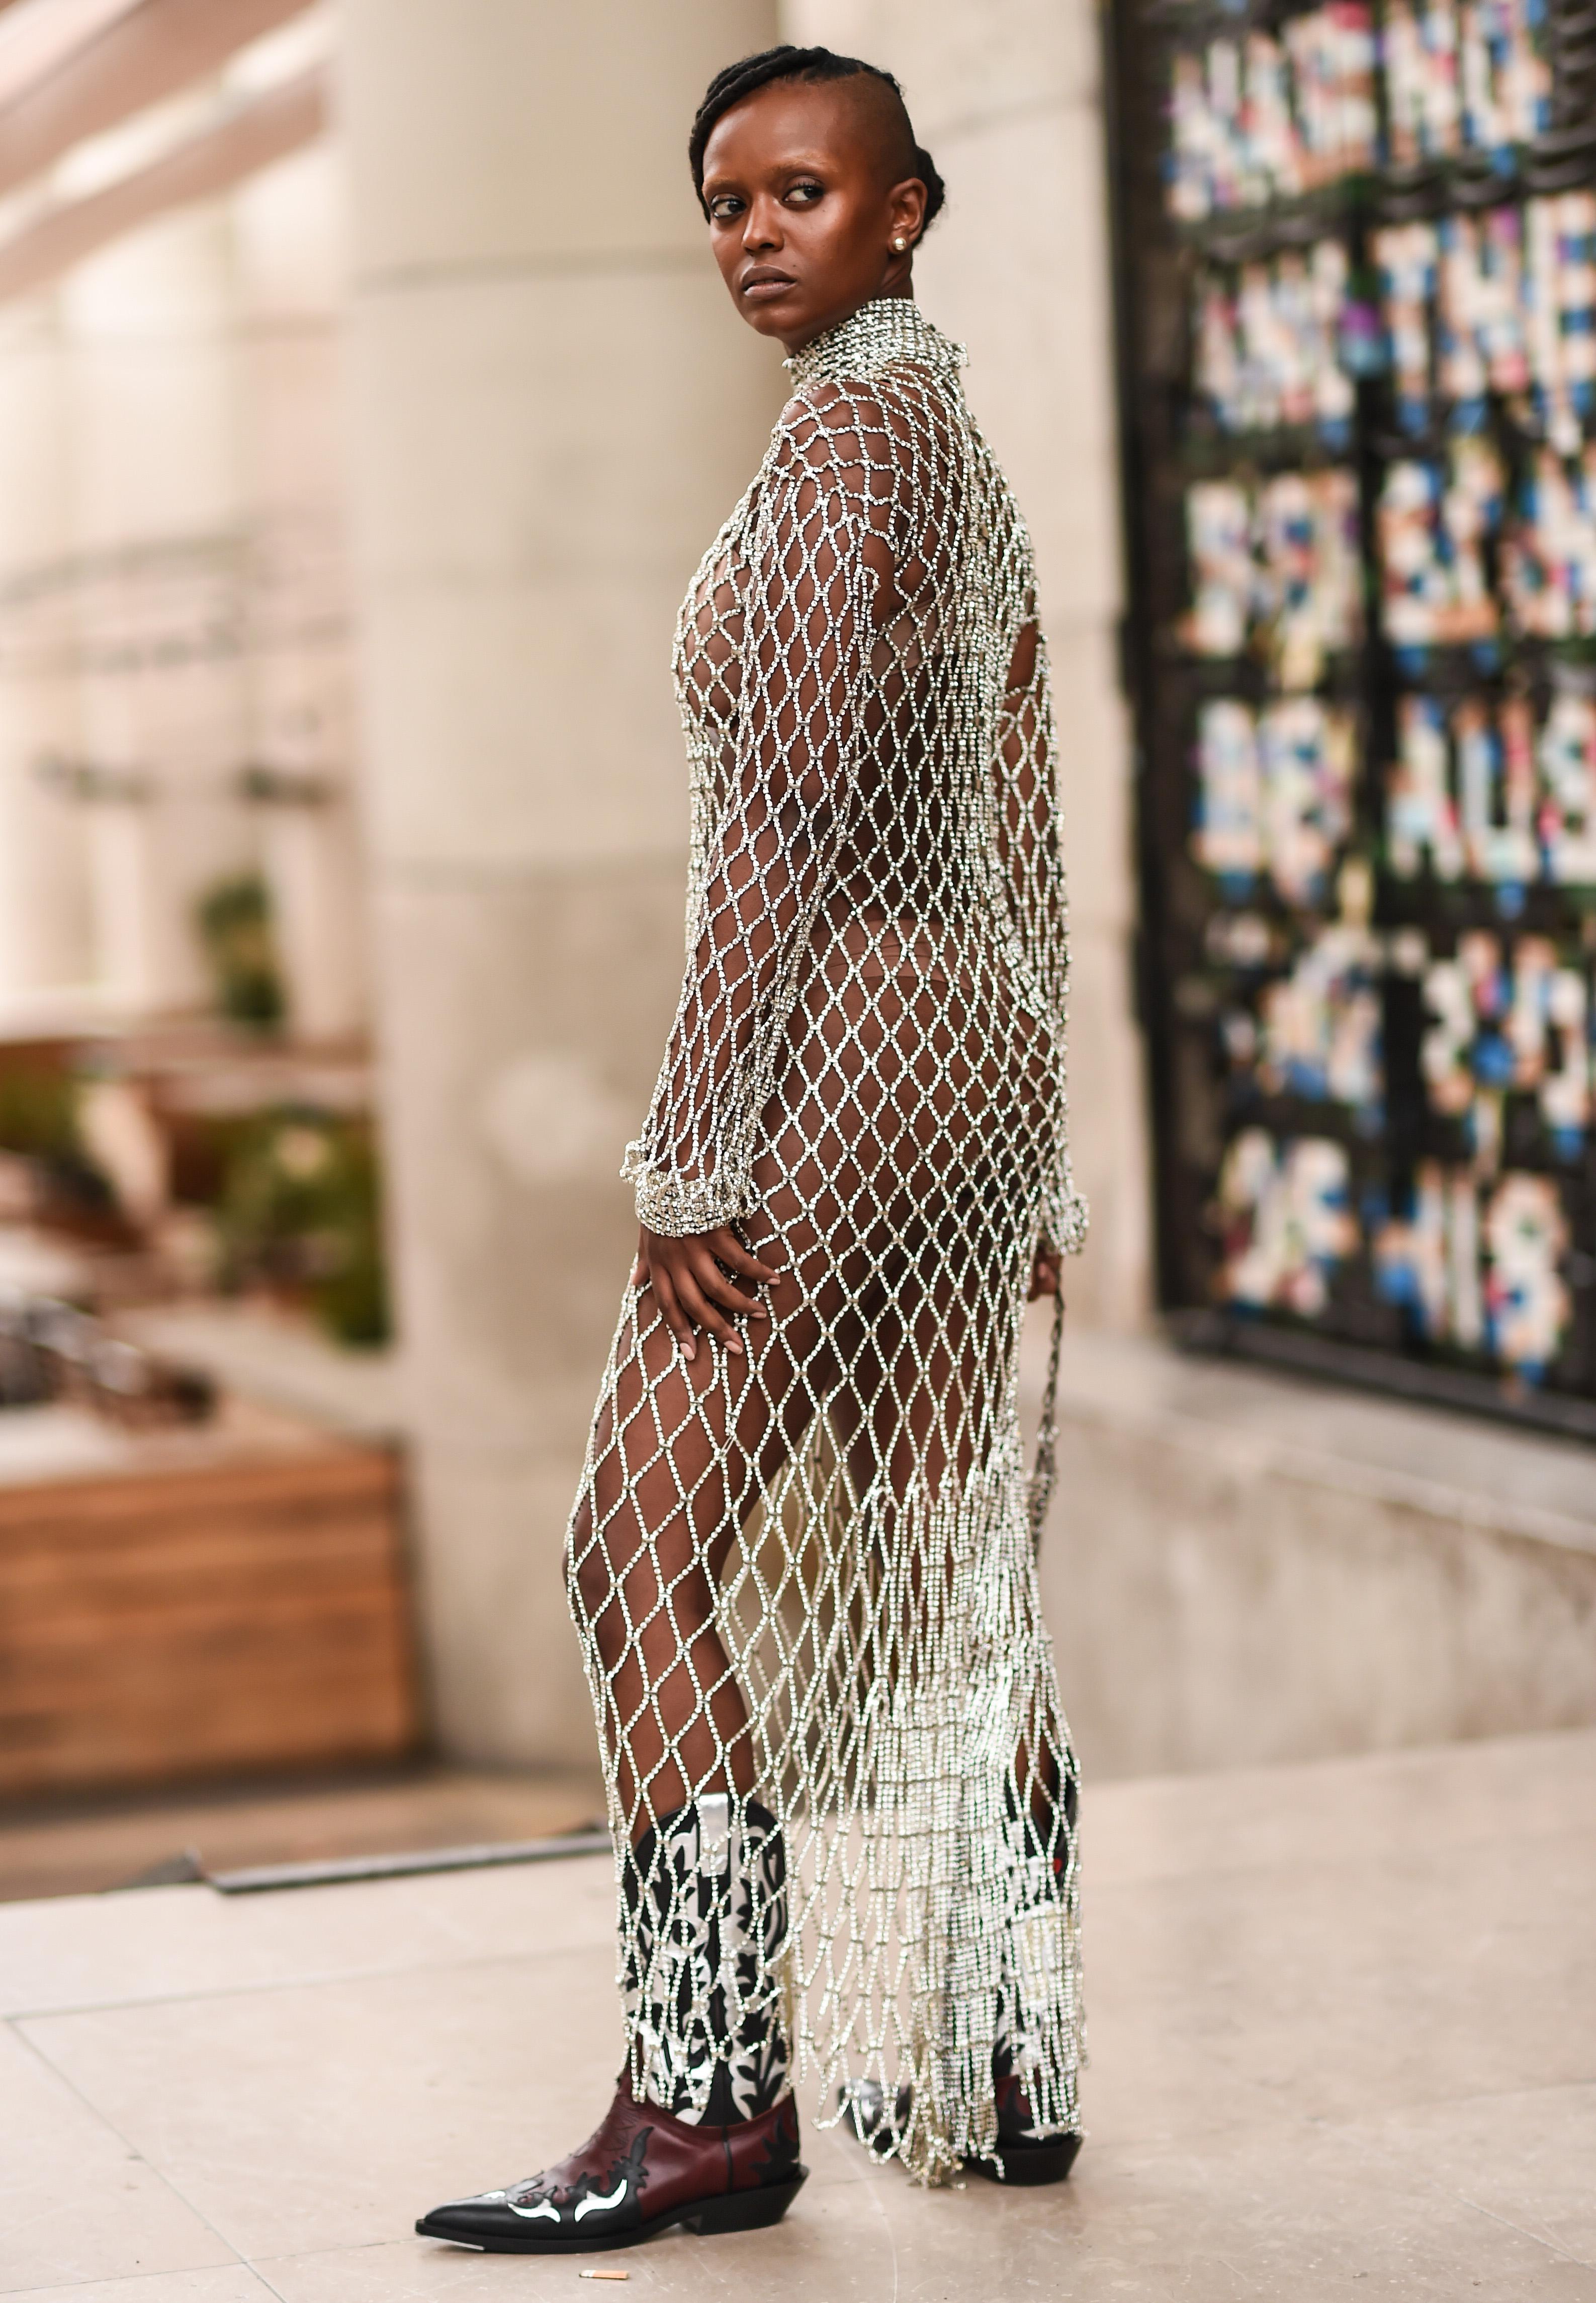 メッシュドレスは大胆に着こなしたドレススタイル。足元には注目のウエスタンブーツ取り入れて、トレンド感を意識。レイヤードアイテムとして活躍するから自分らしいコーディネイトが楽しめる。